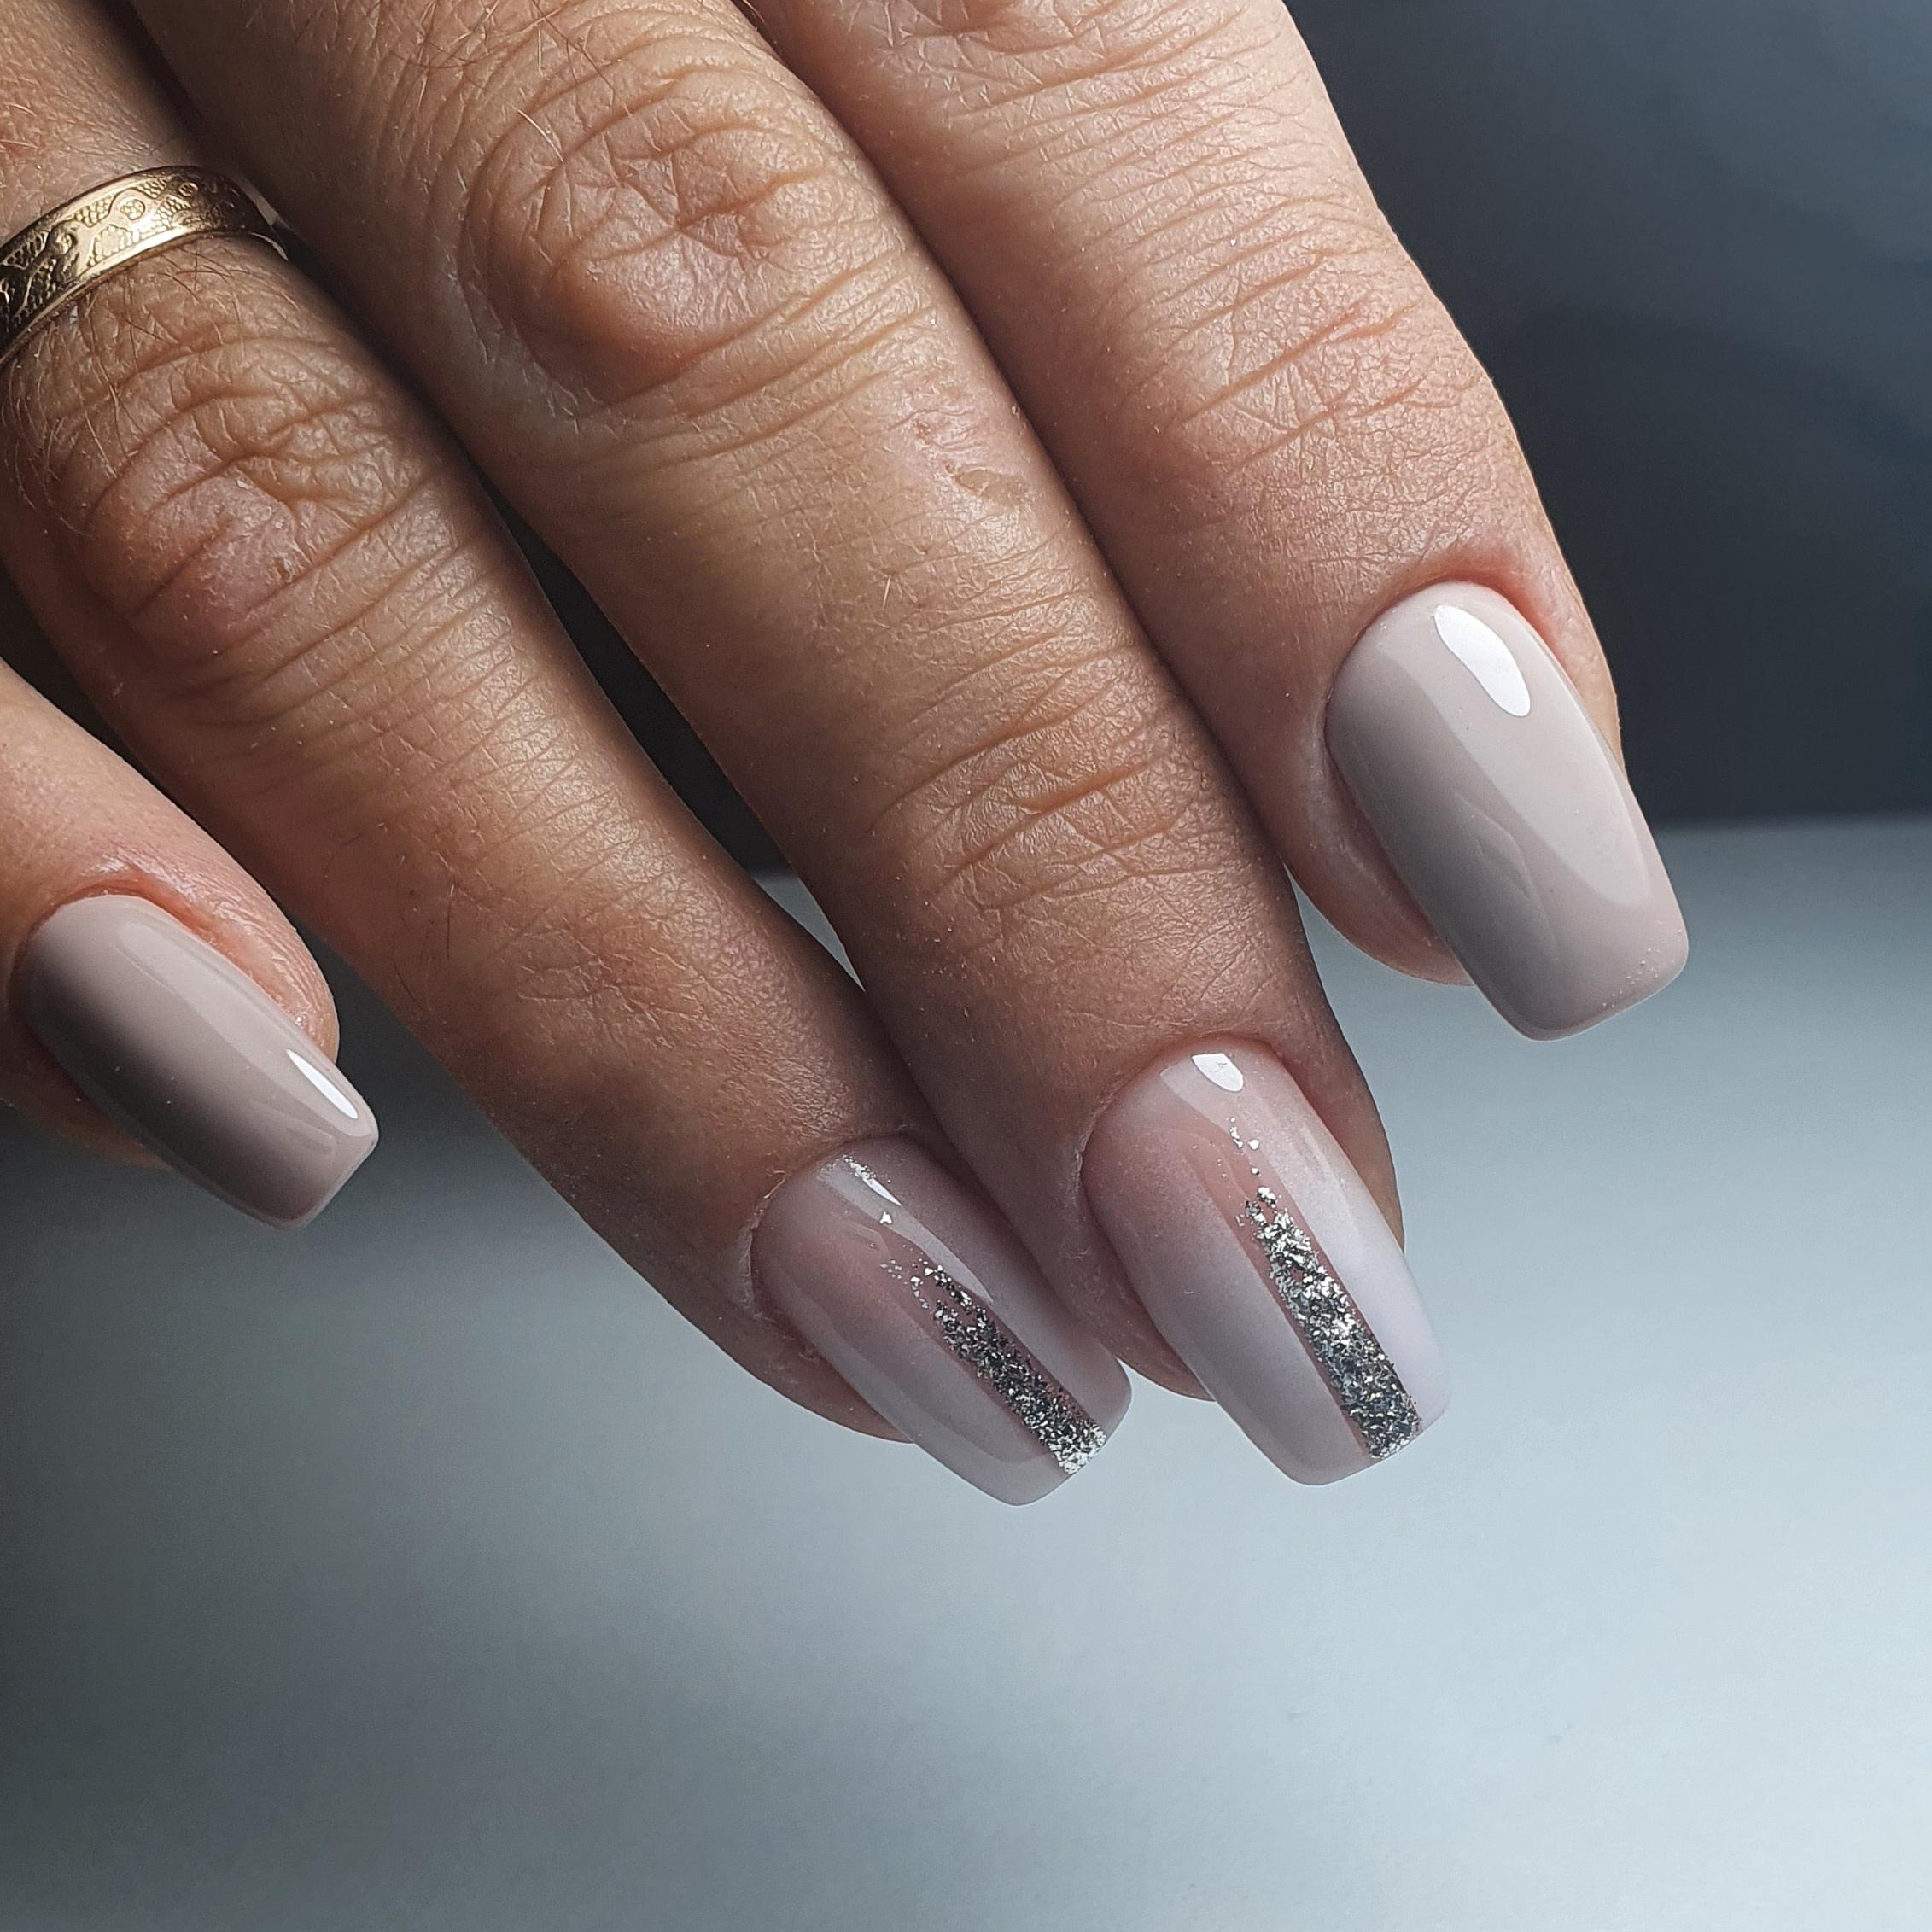 Маникюр с серебряными блестками в пастельных тонах на короткие ногти.